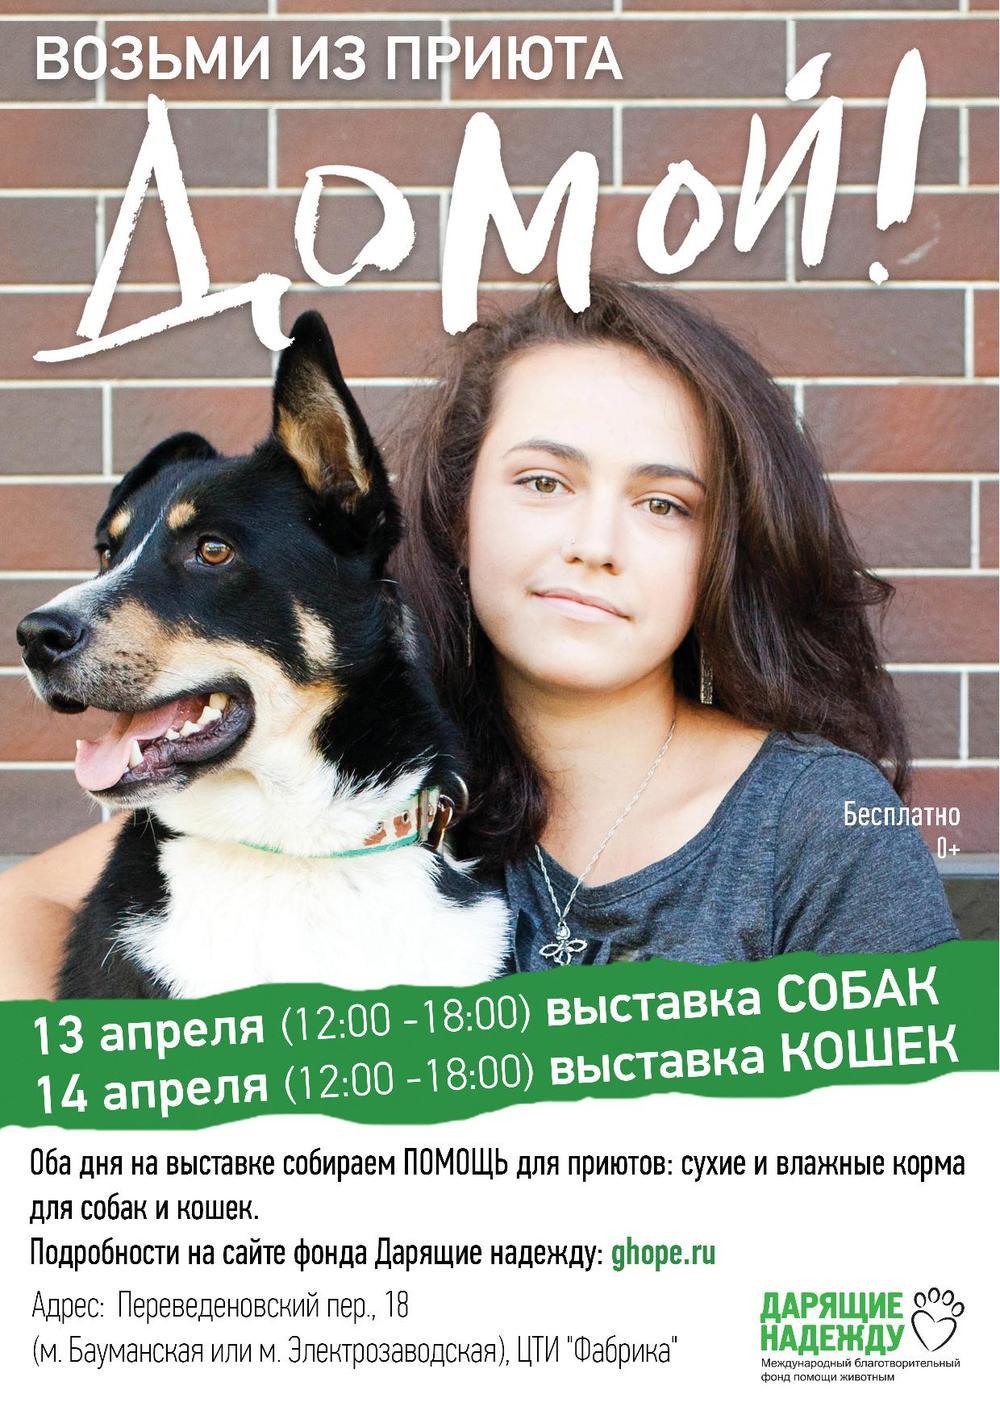 Выставка собак и кошек, взять собаку из приюта, приют для собак